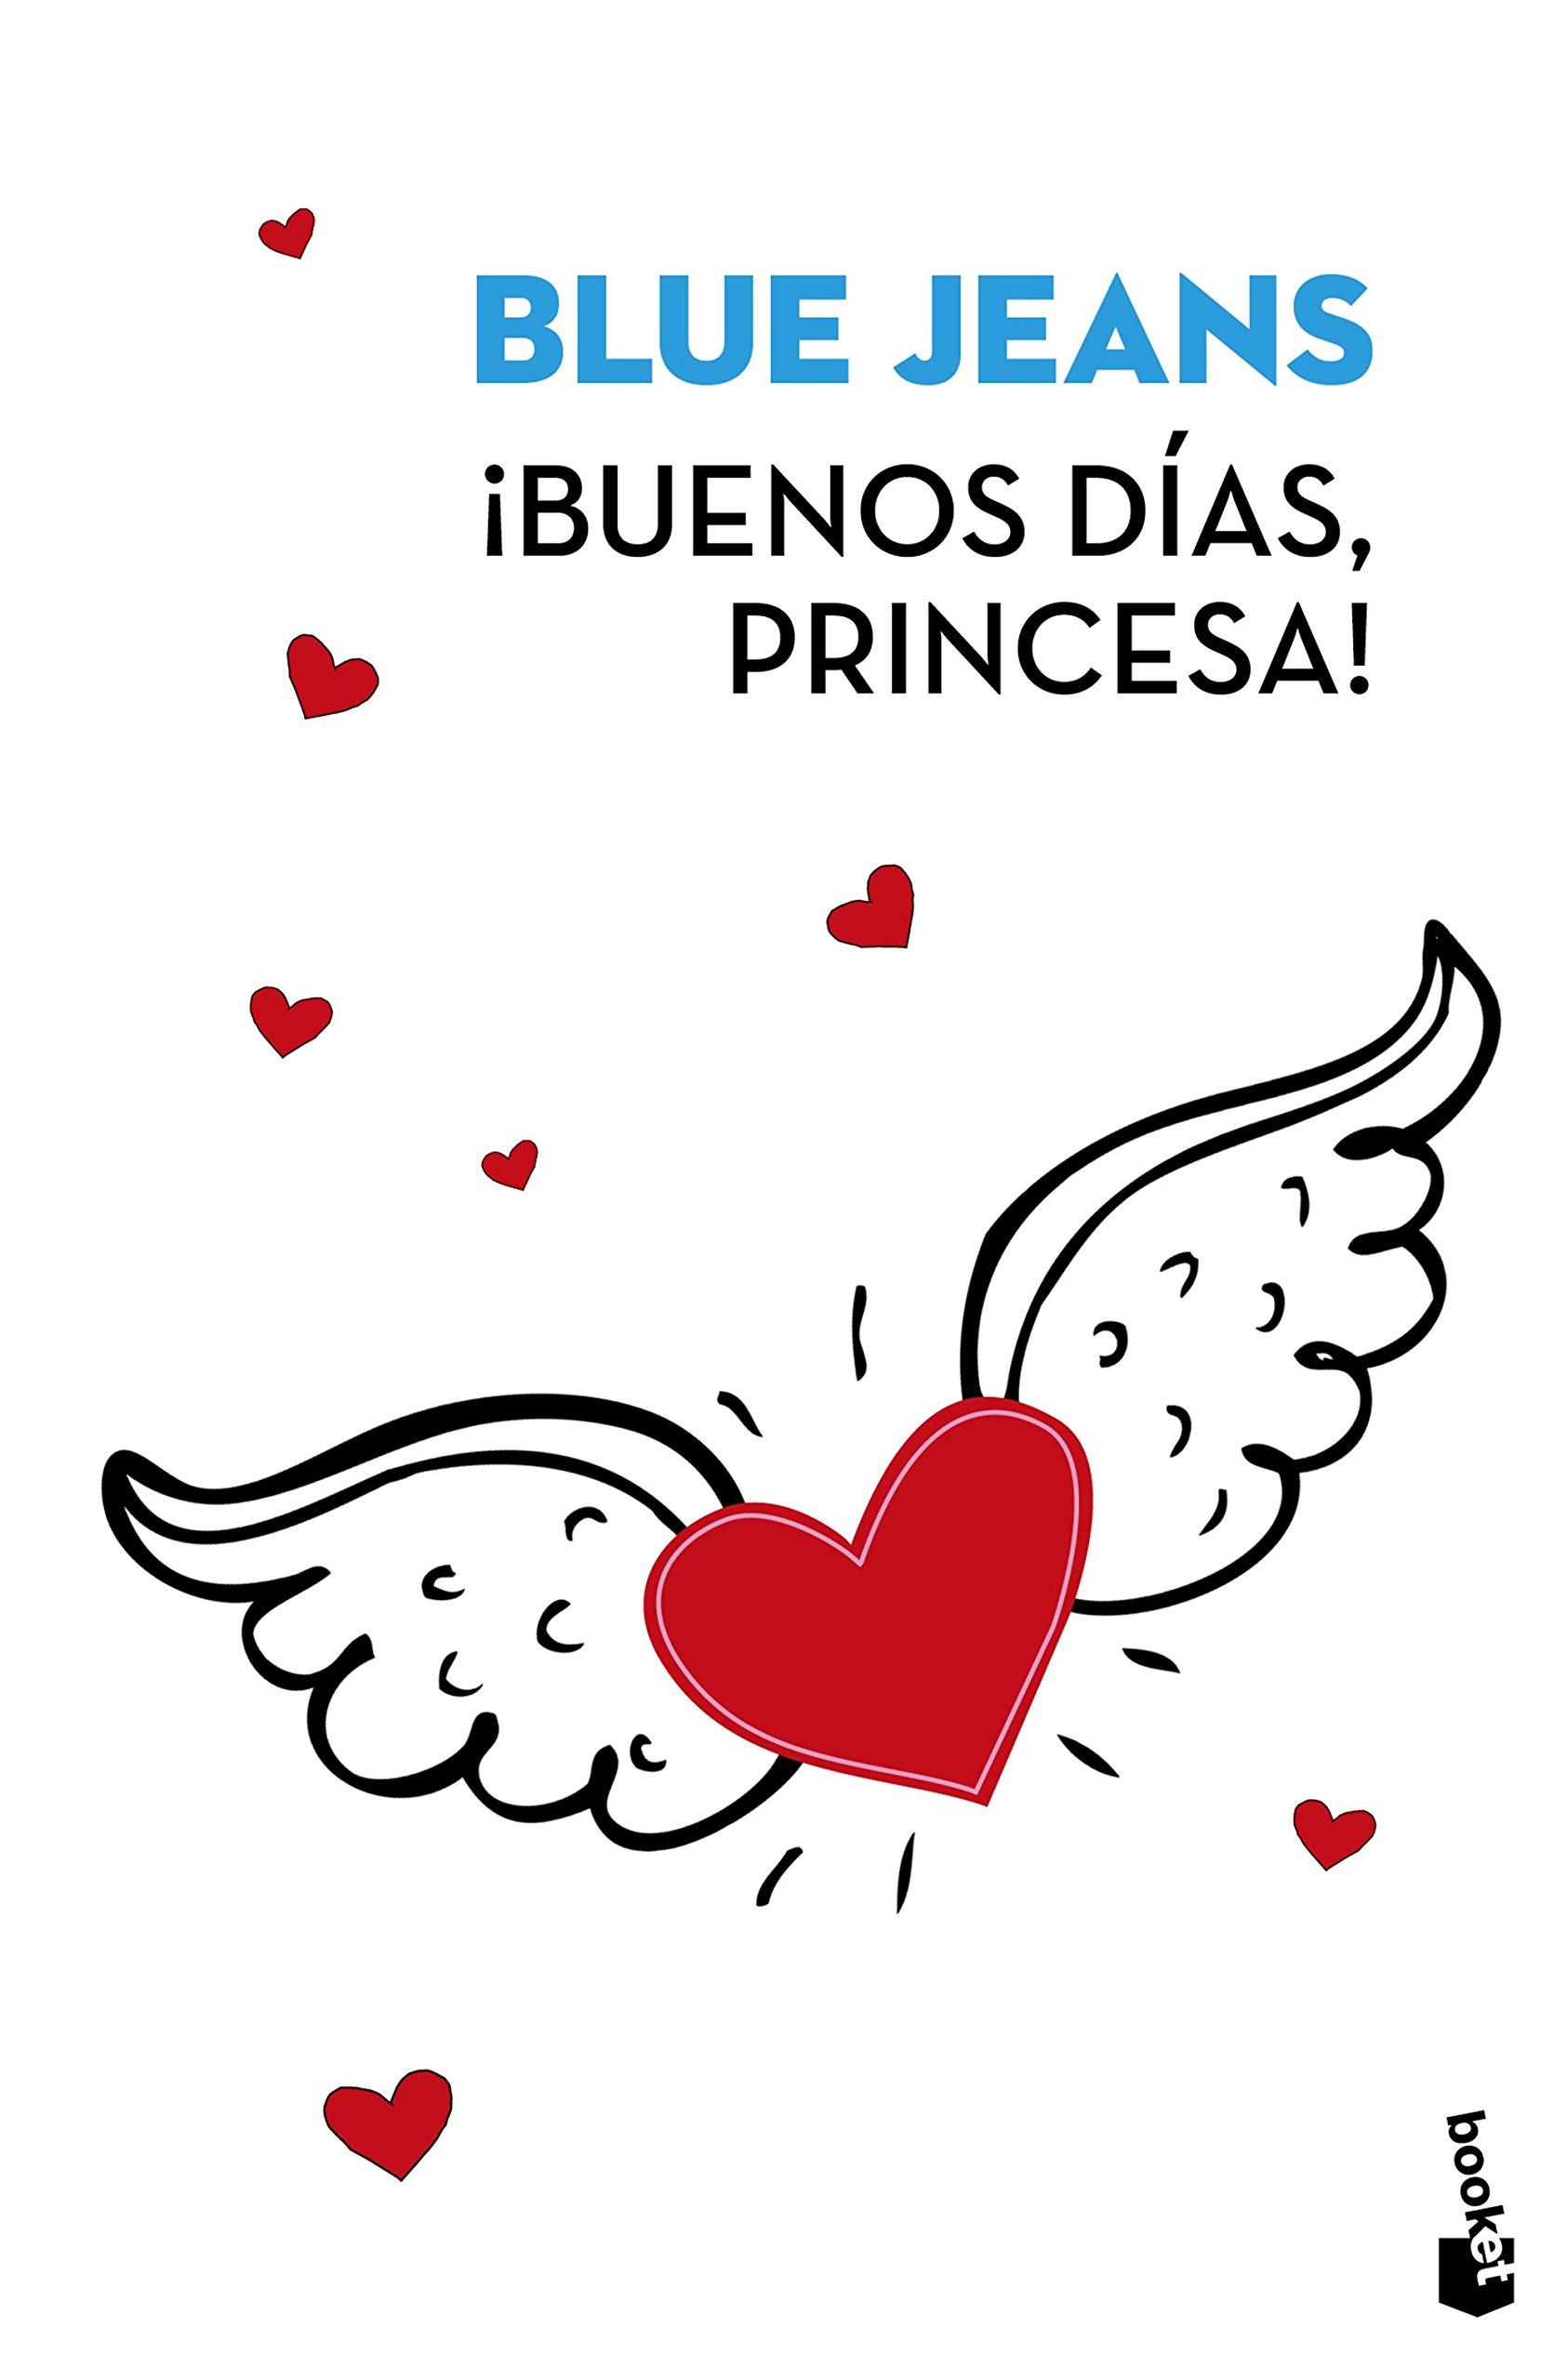 ¡Buenos días, princesa! (Verano 2017): Amazon.es: Blue Jeans: Libros